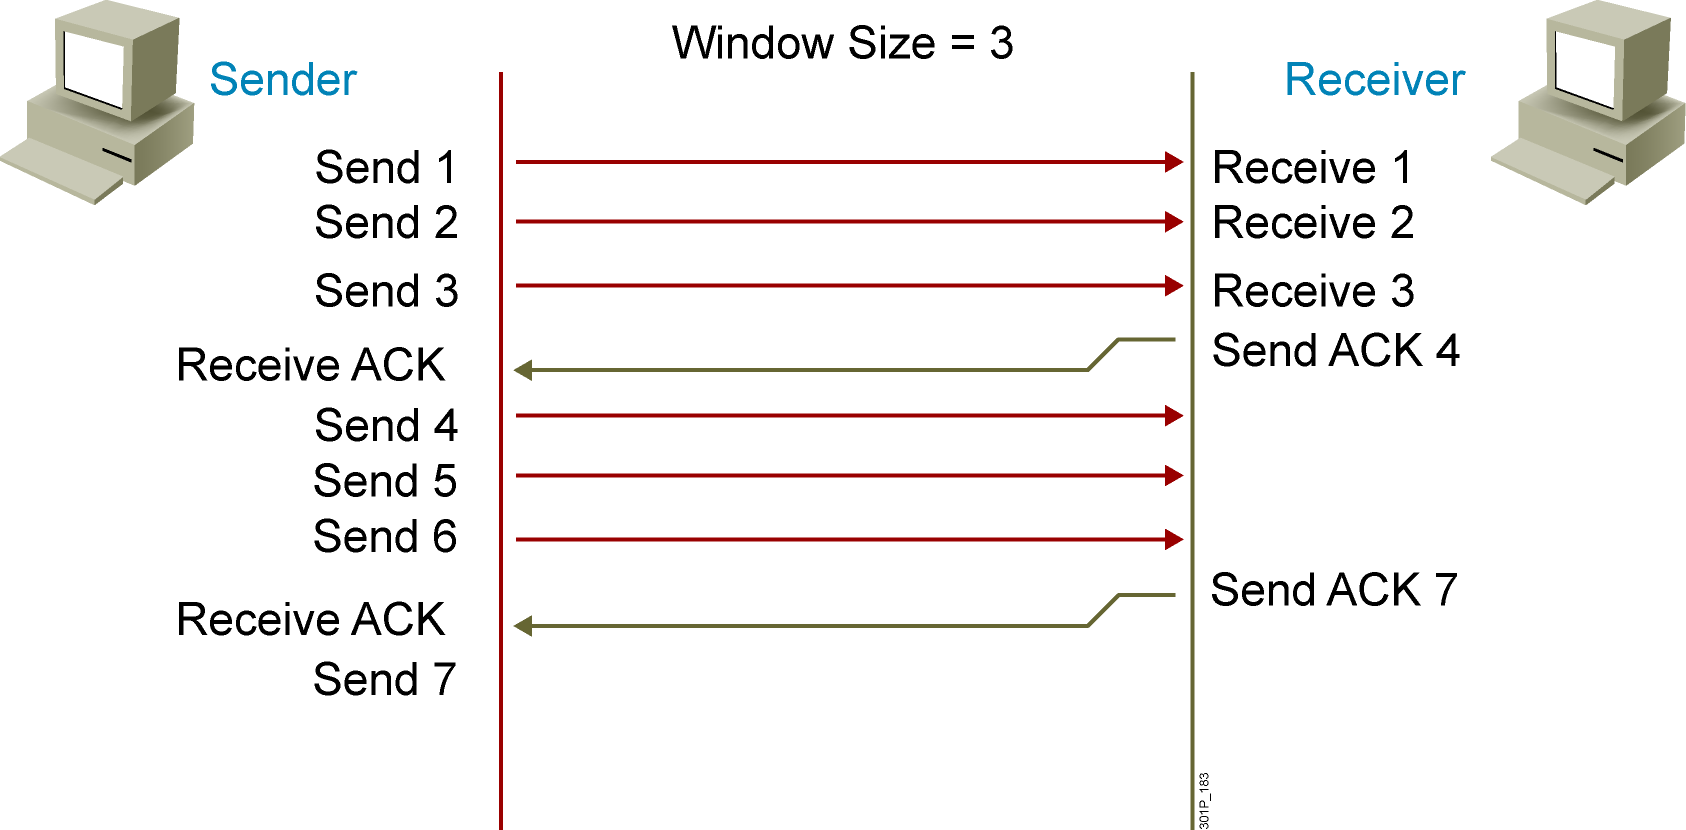 Cơ chế Window size gửi gói tin